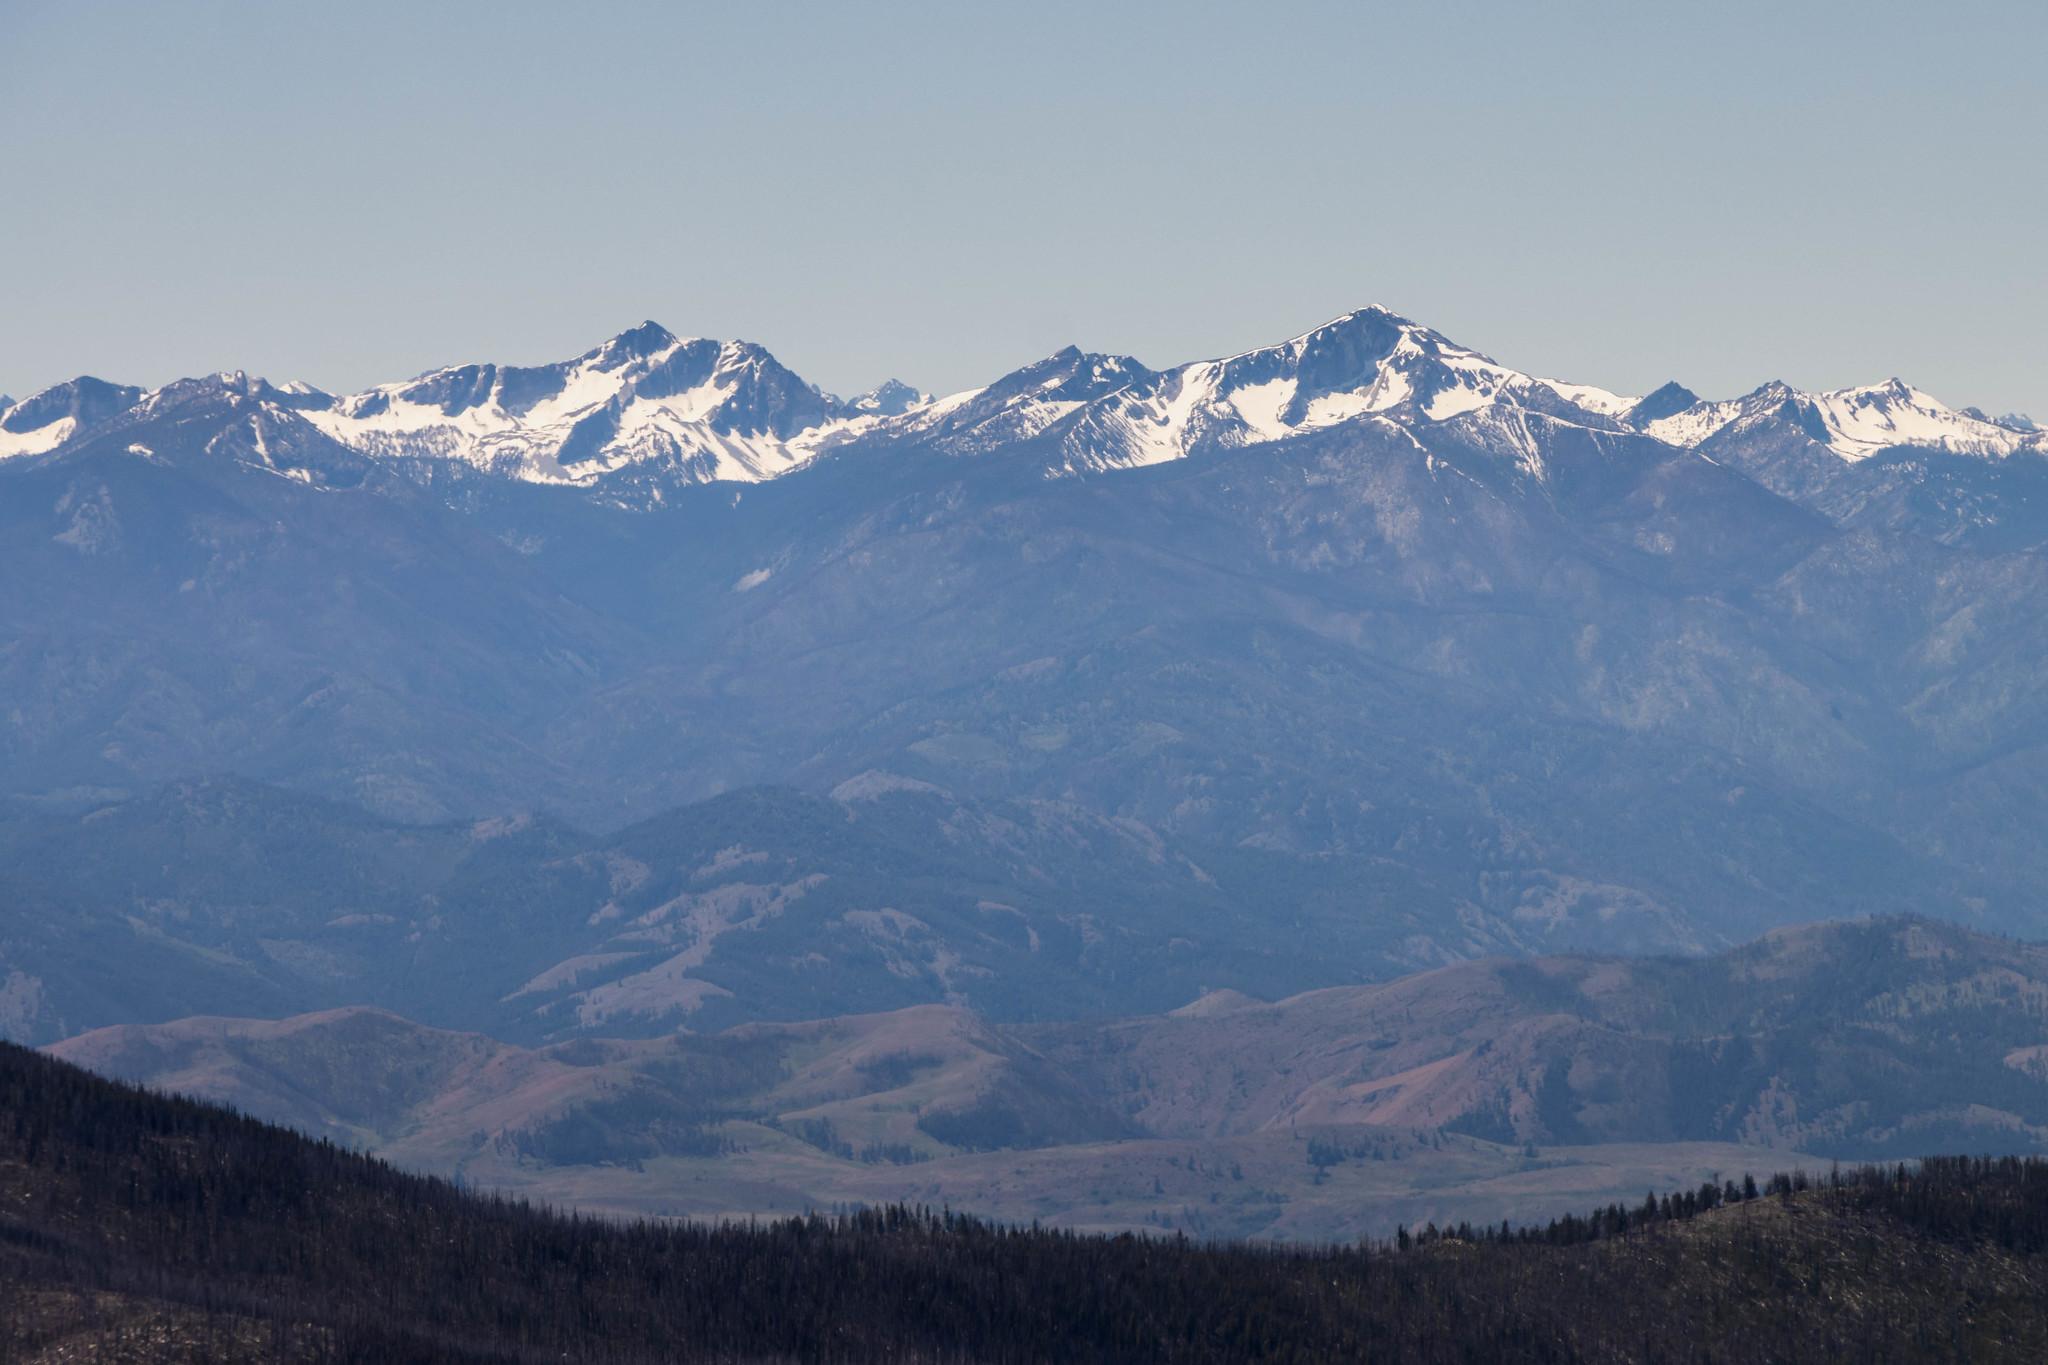 Star Peak, Courtney Peak, Oval Peak